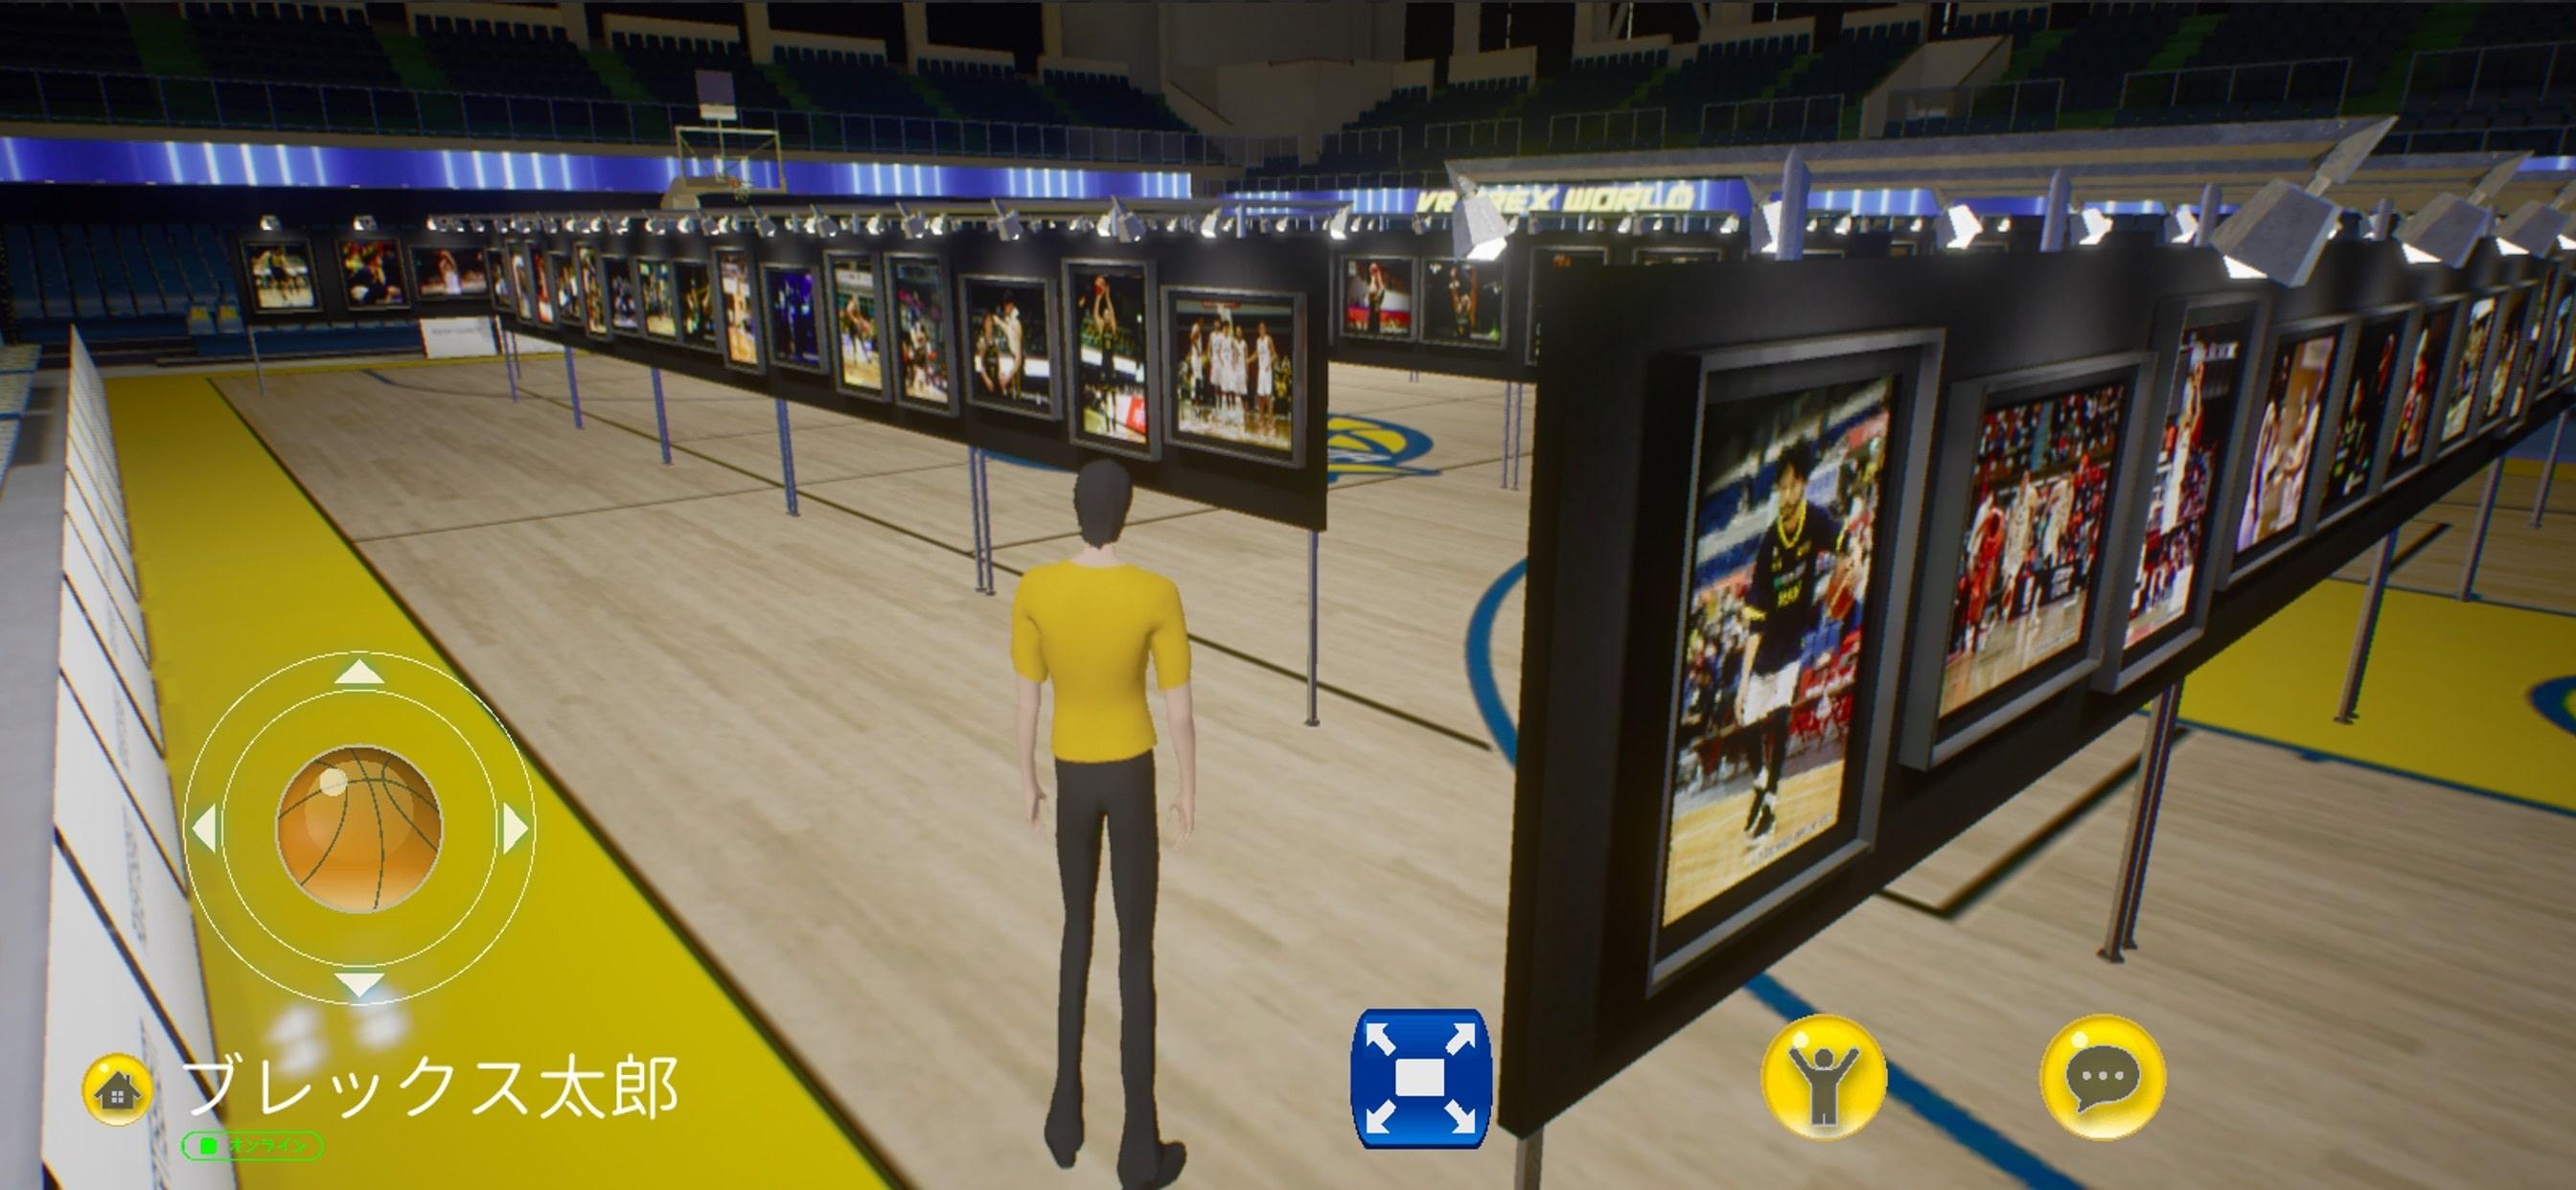 VR BREX WORLD 202012 update 6